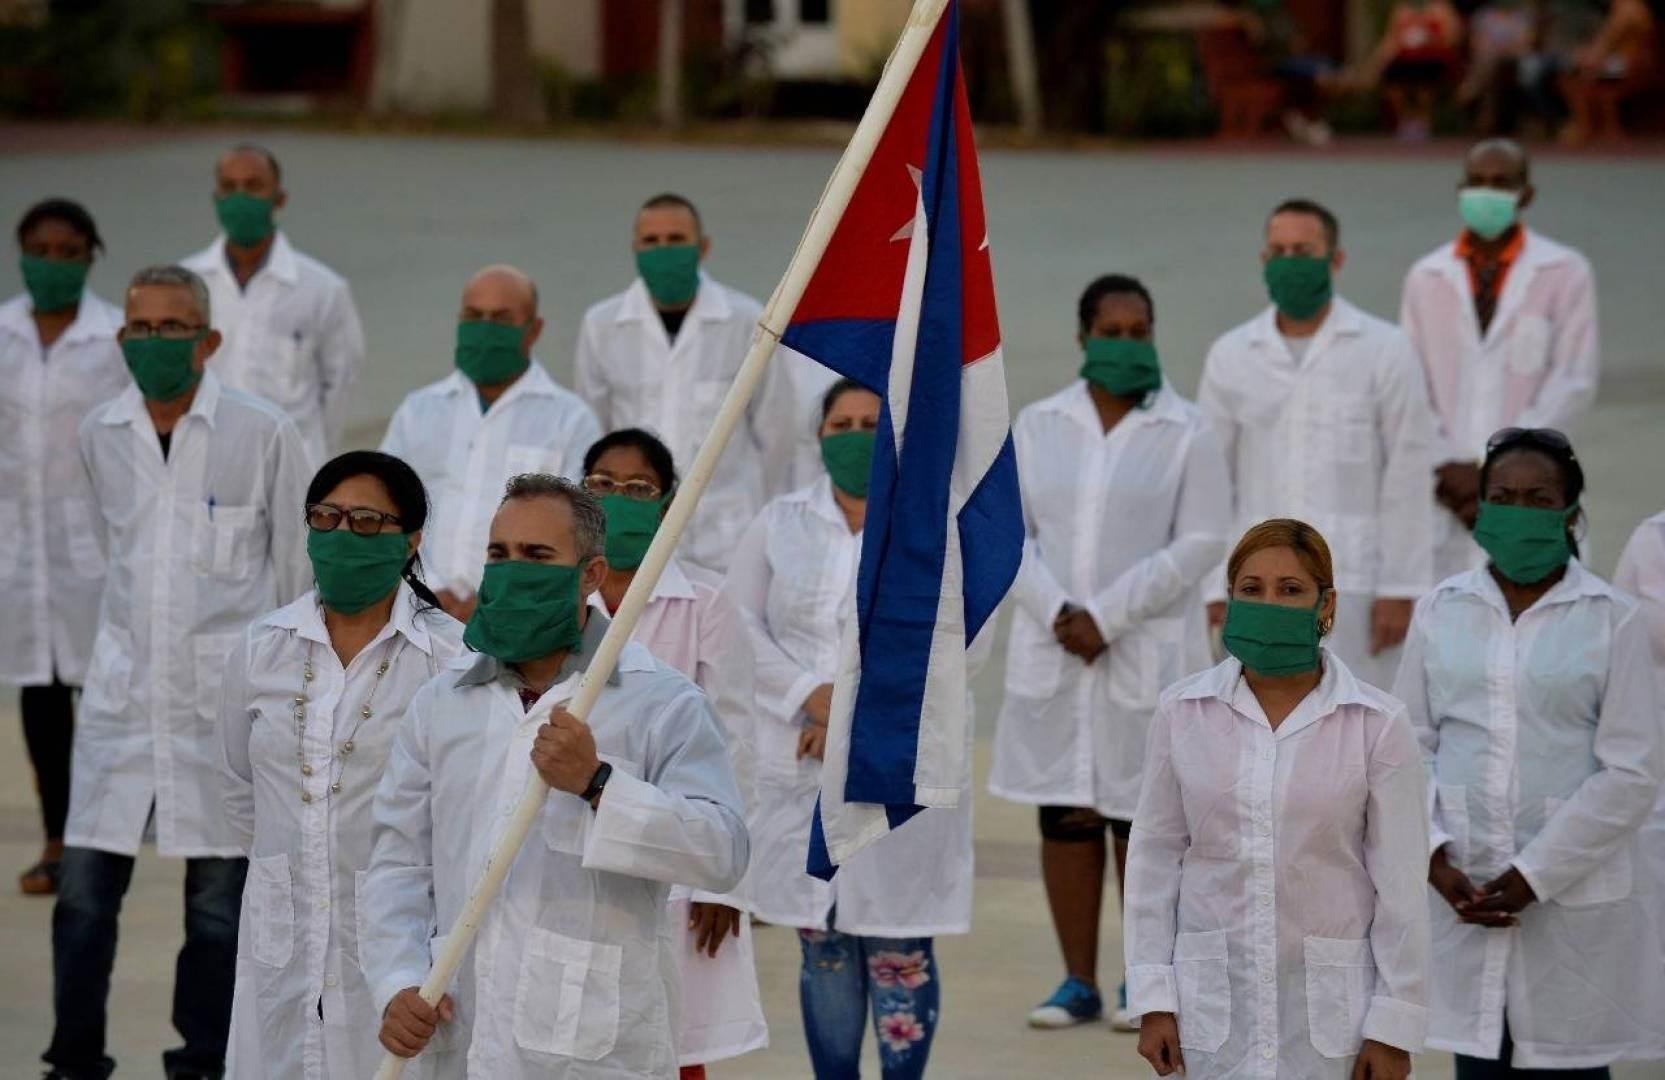 بعد إتمام مهامهم.. عودة أطباء كوبيين من إيطاليا